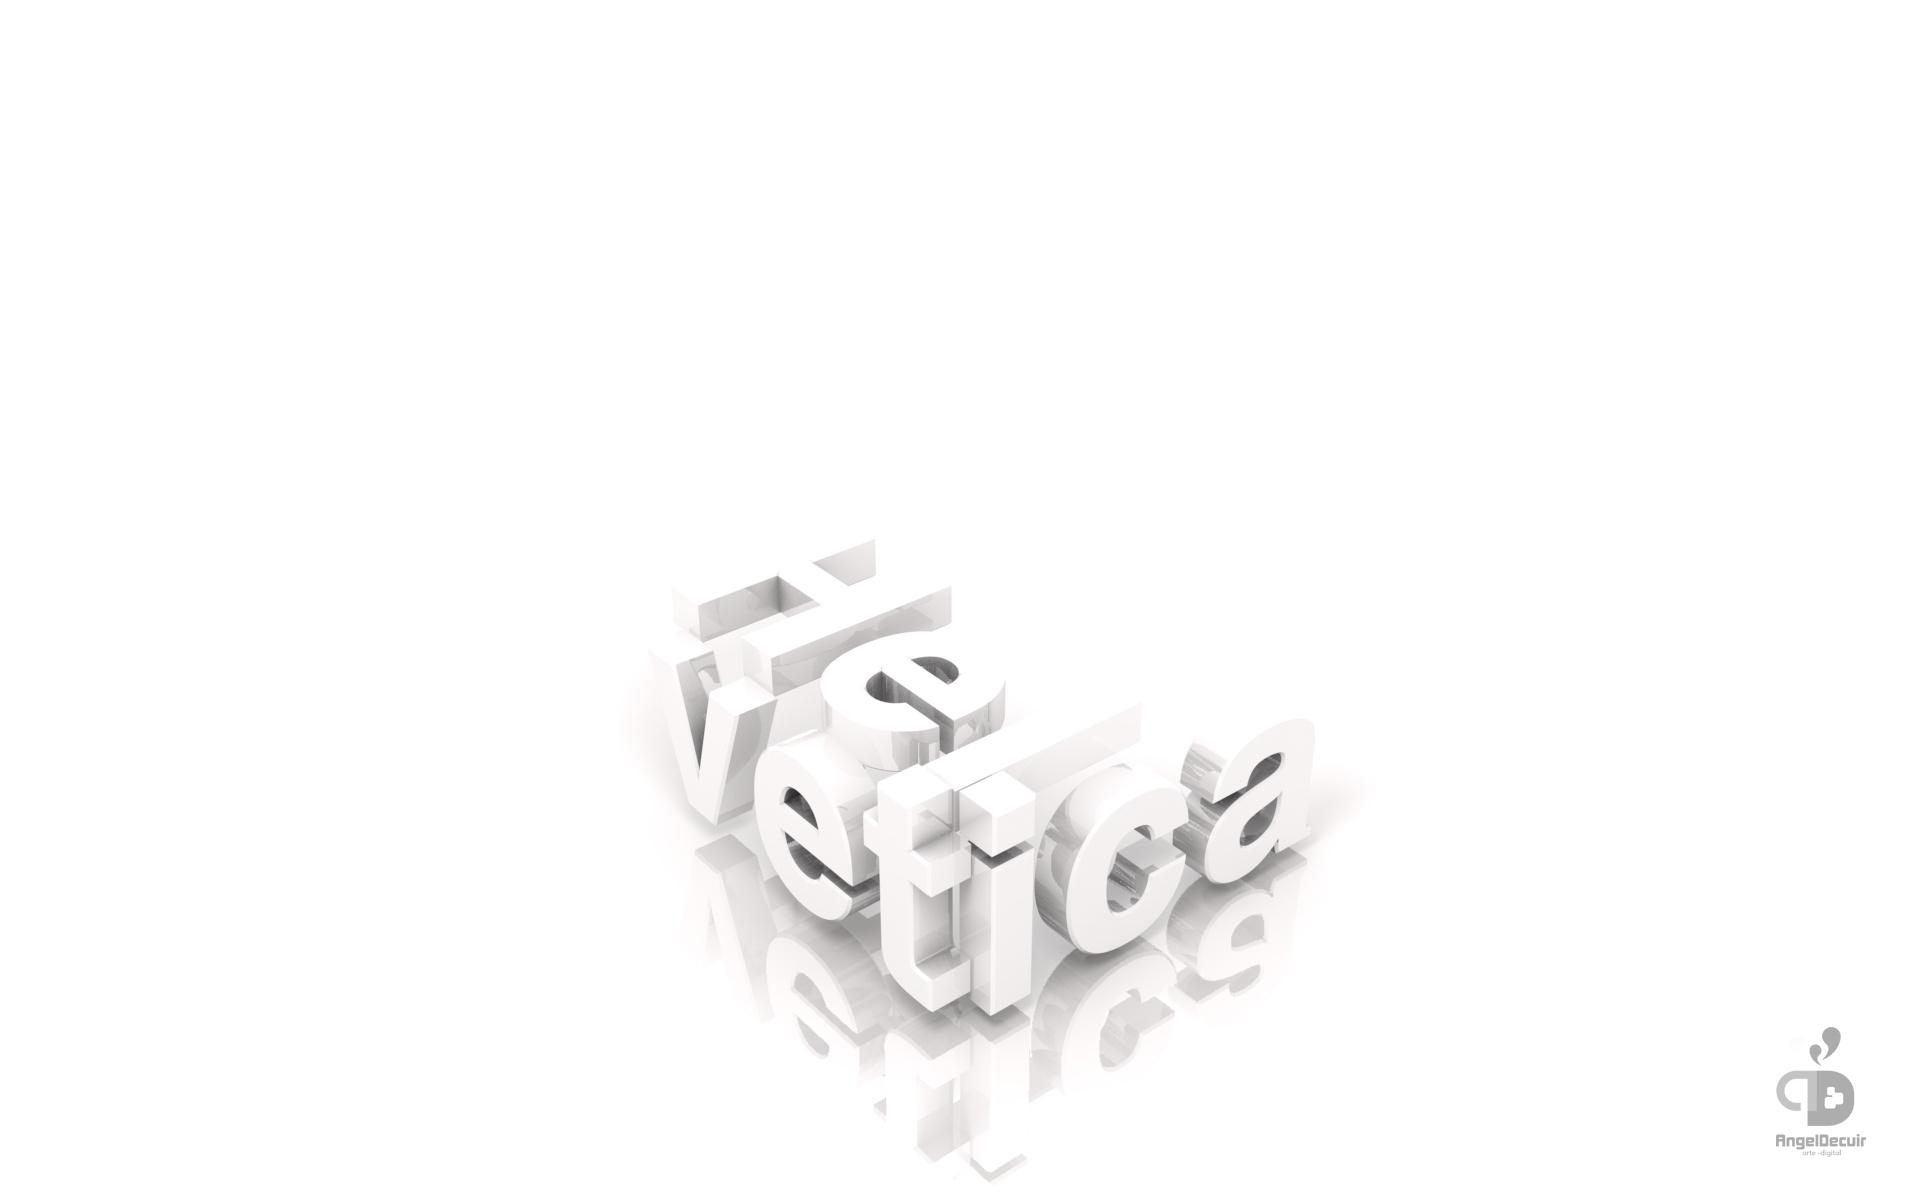 Helveticawall